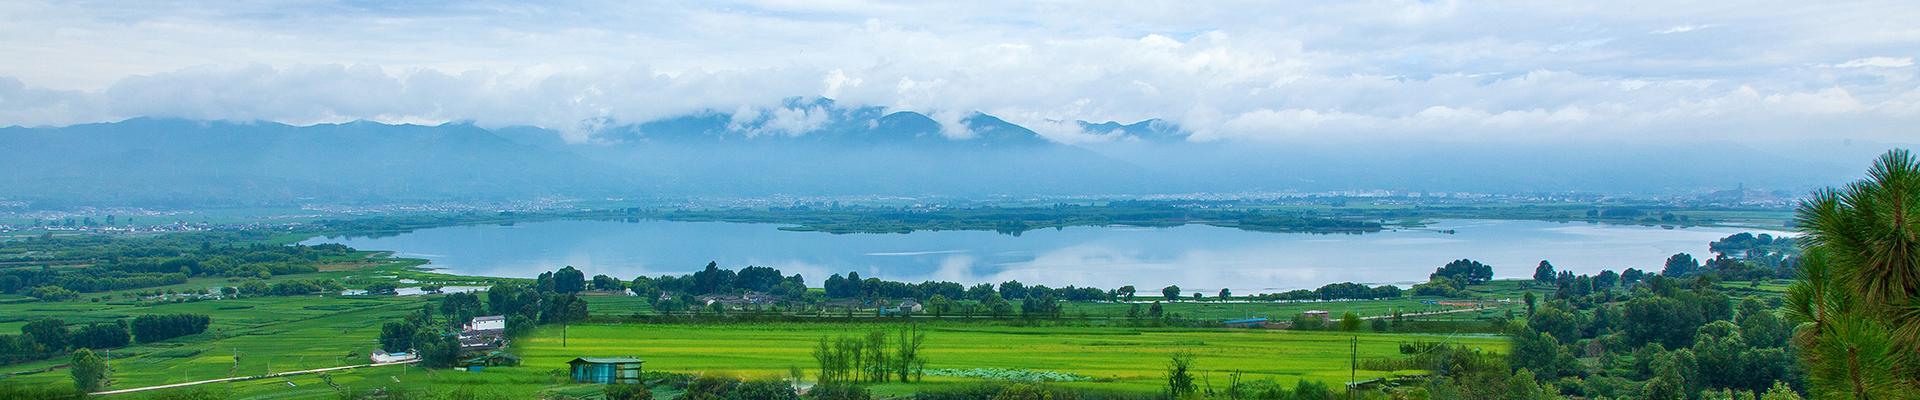 云南省農牧工程設計研究院